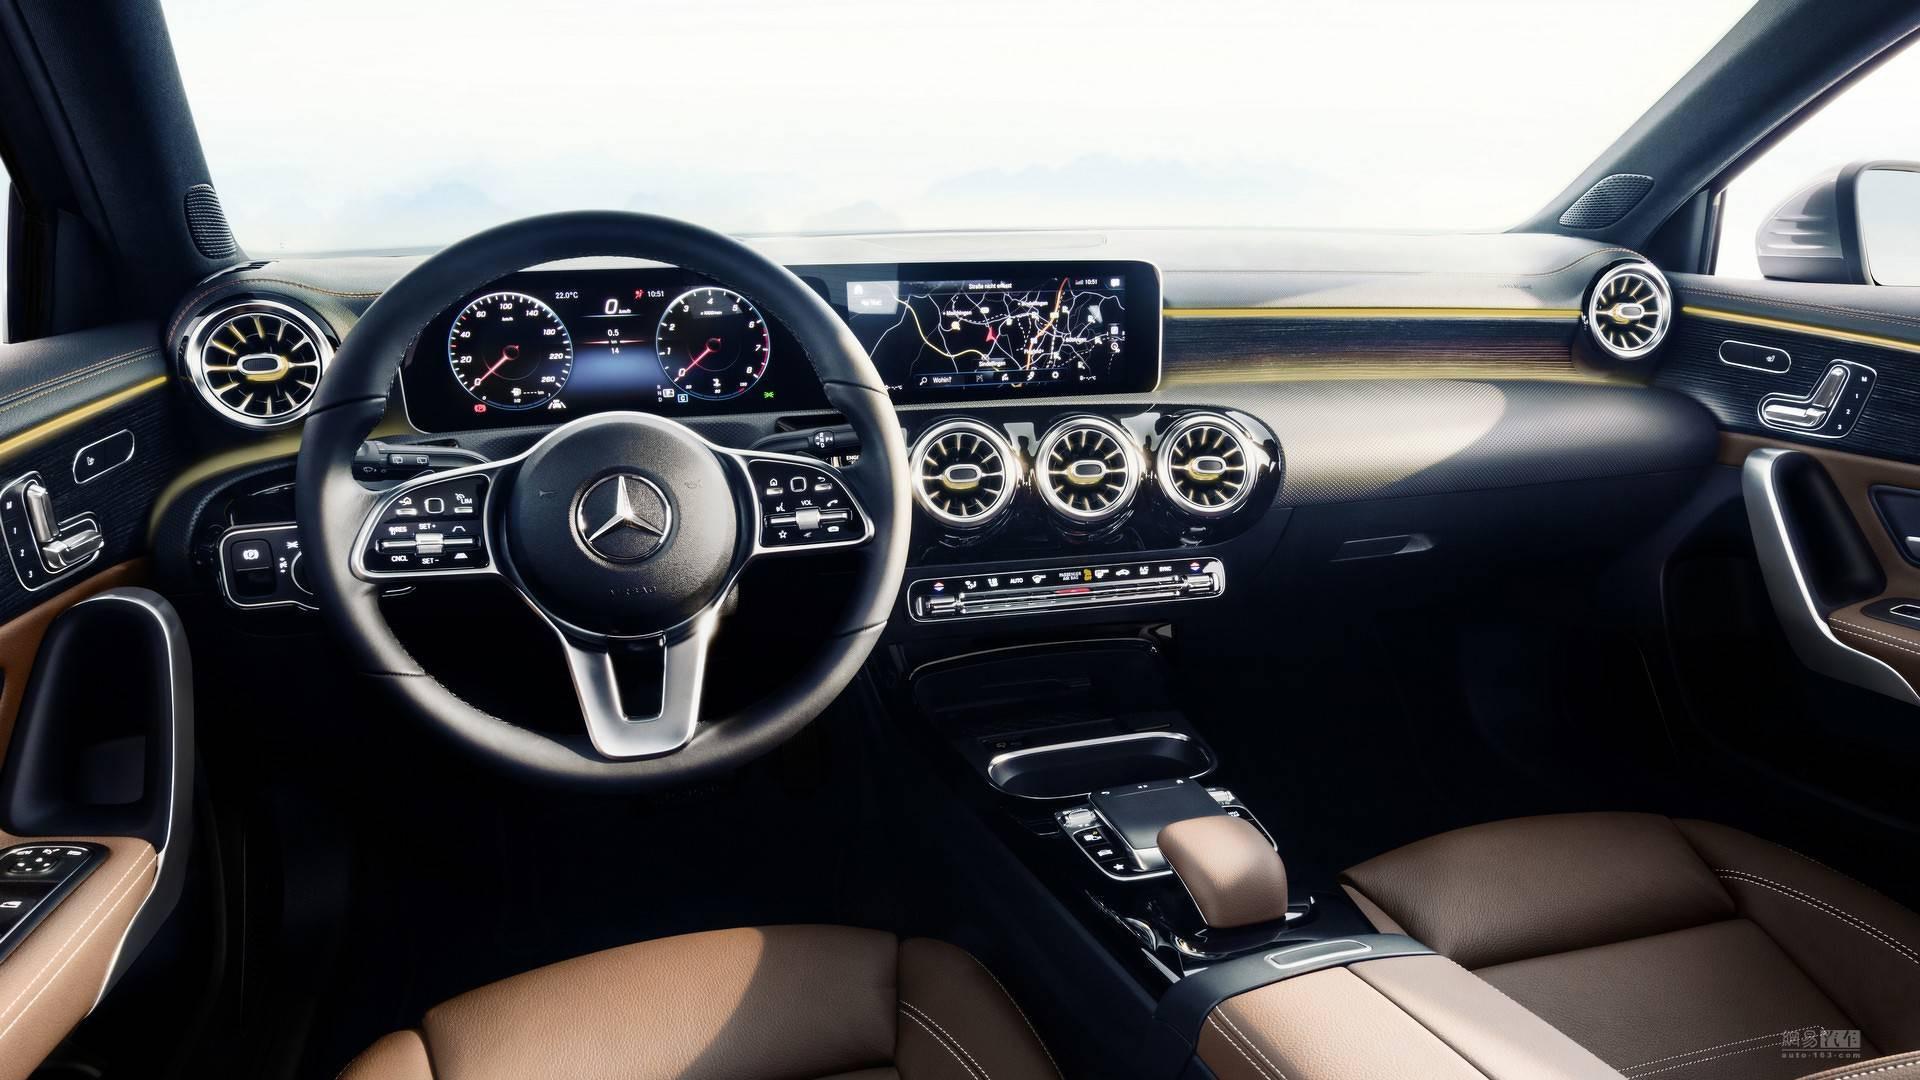 2月2日首发 全新一代奔驰A级预告图发布